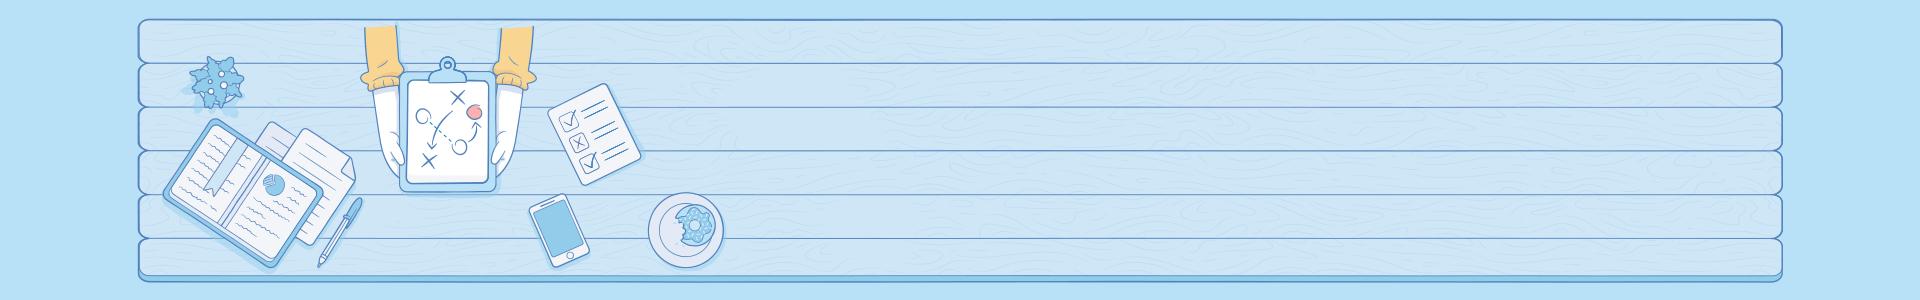 Banner 1920x300